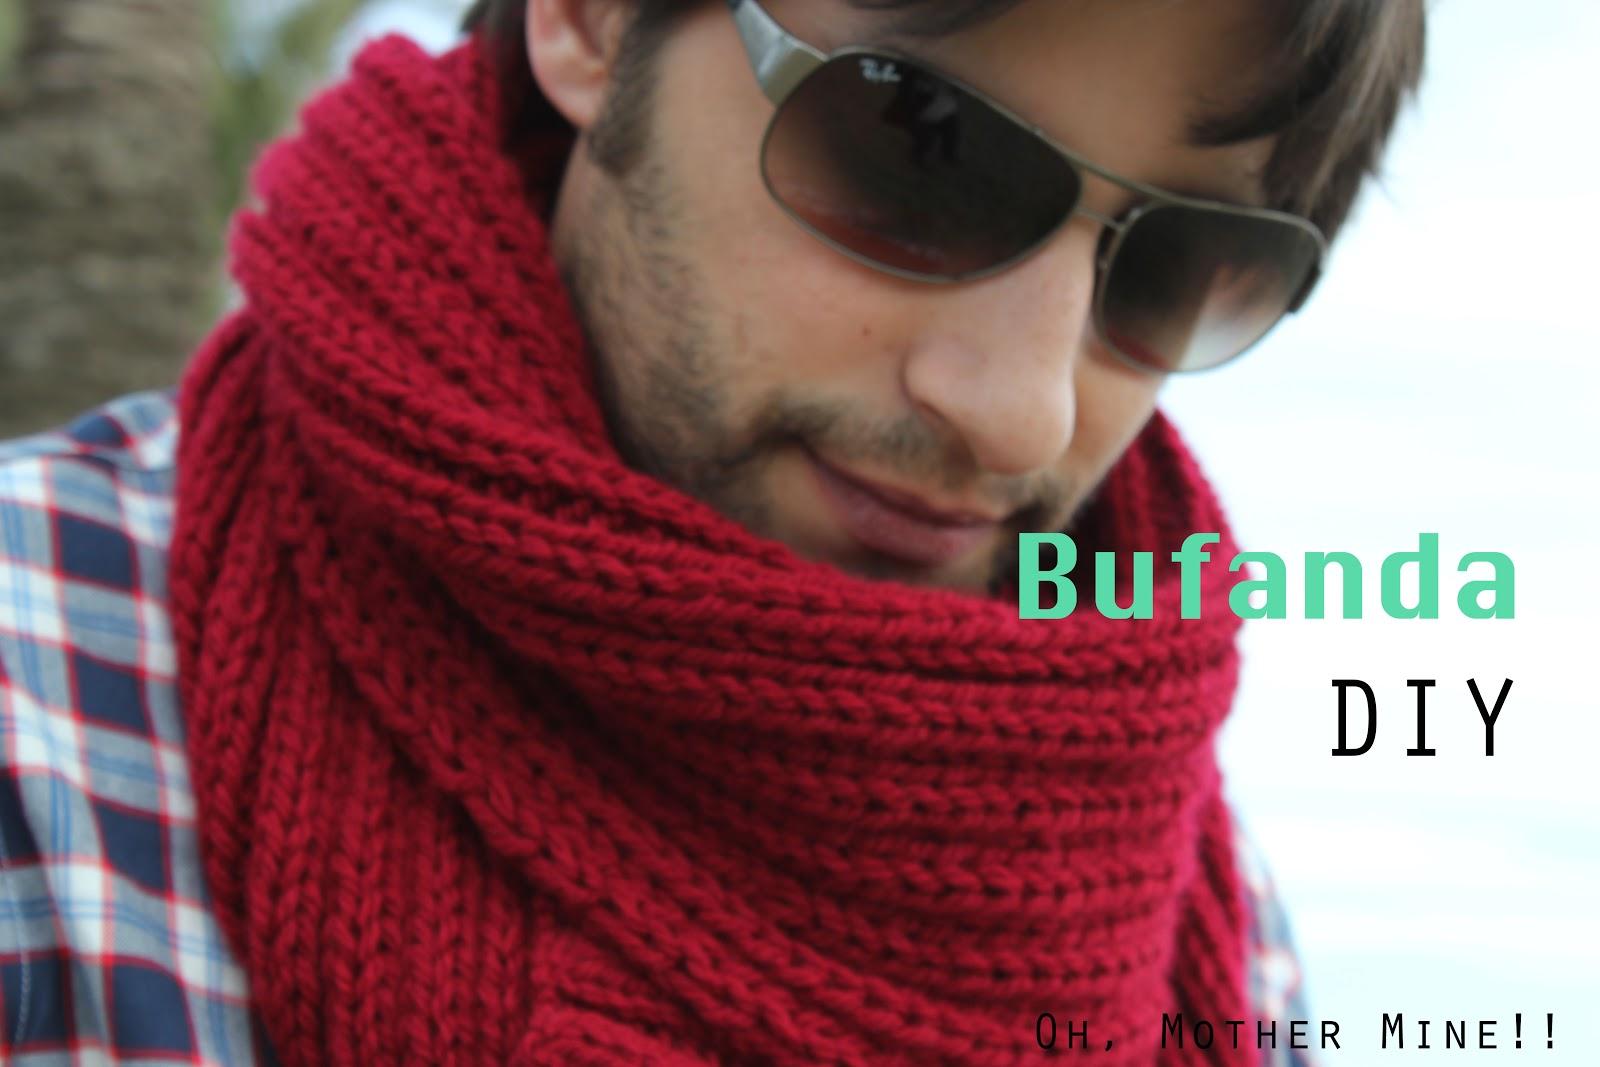 Cómo hacer una bufanda para hombre, regalo de Navidad. | Manualidades